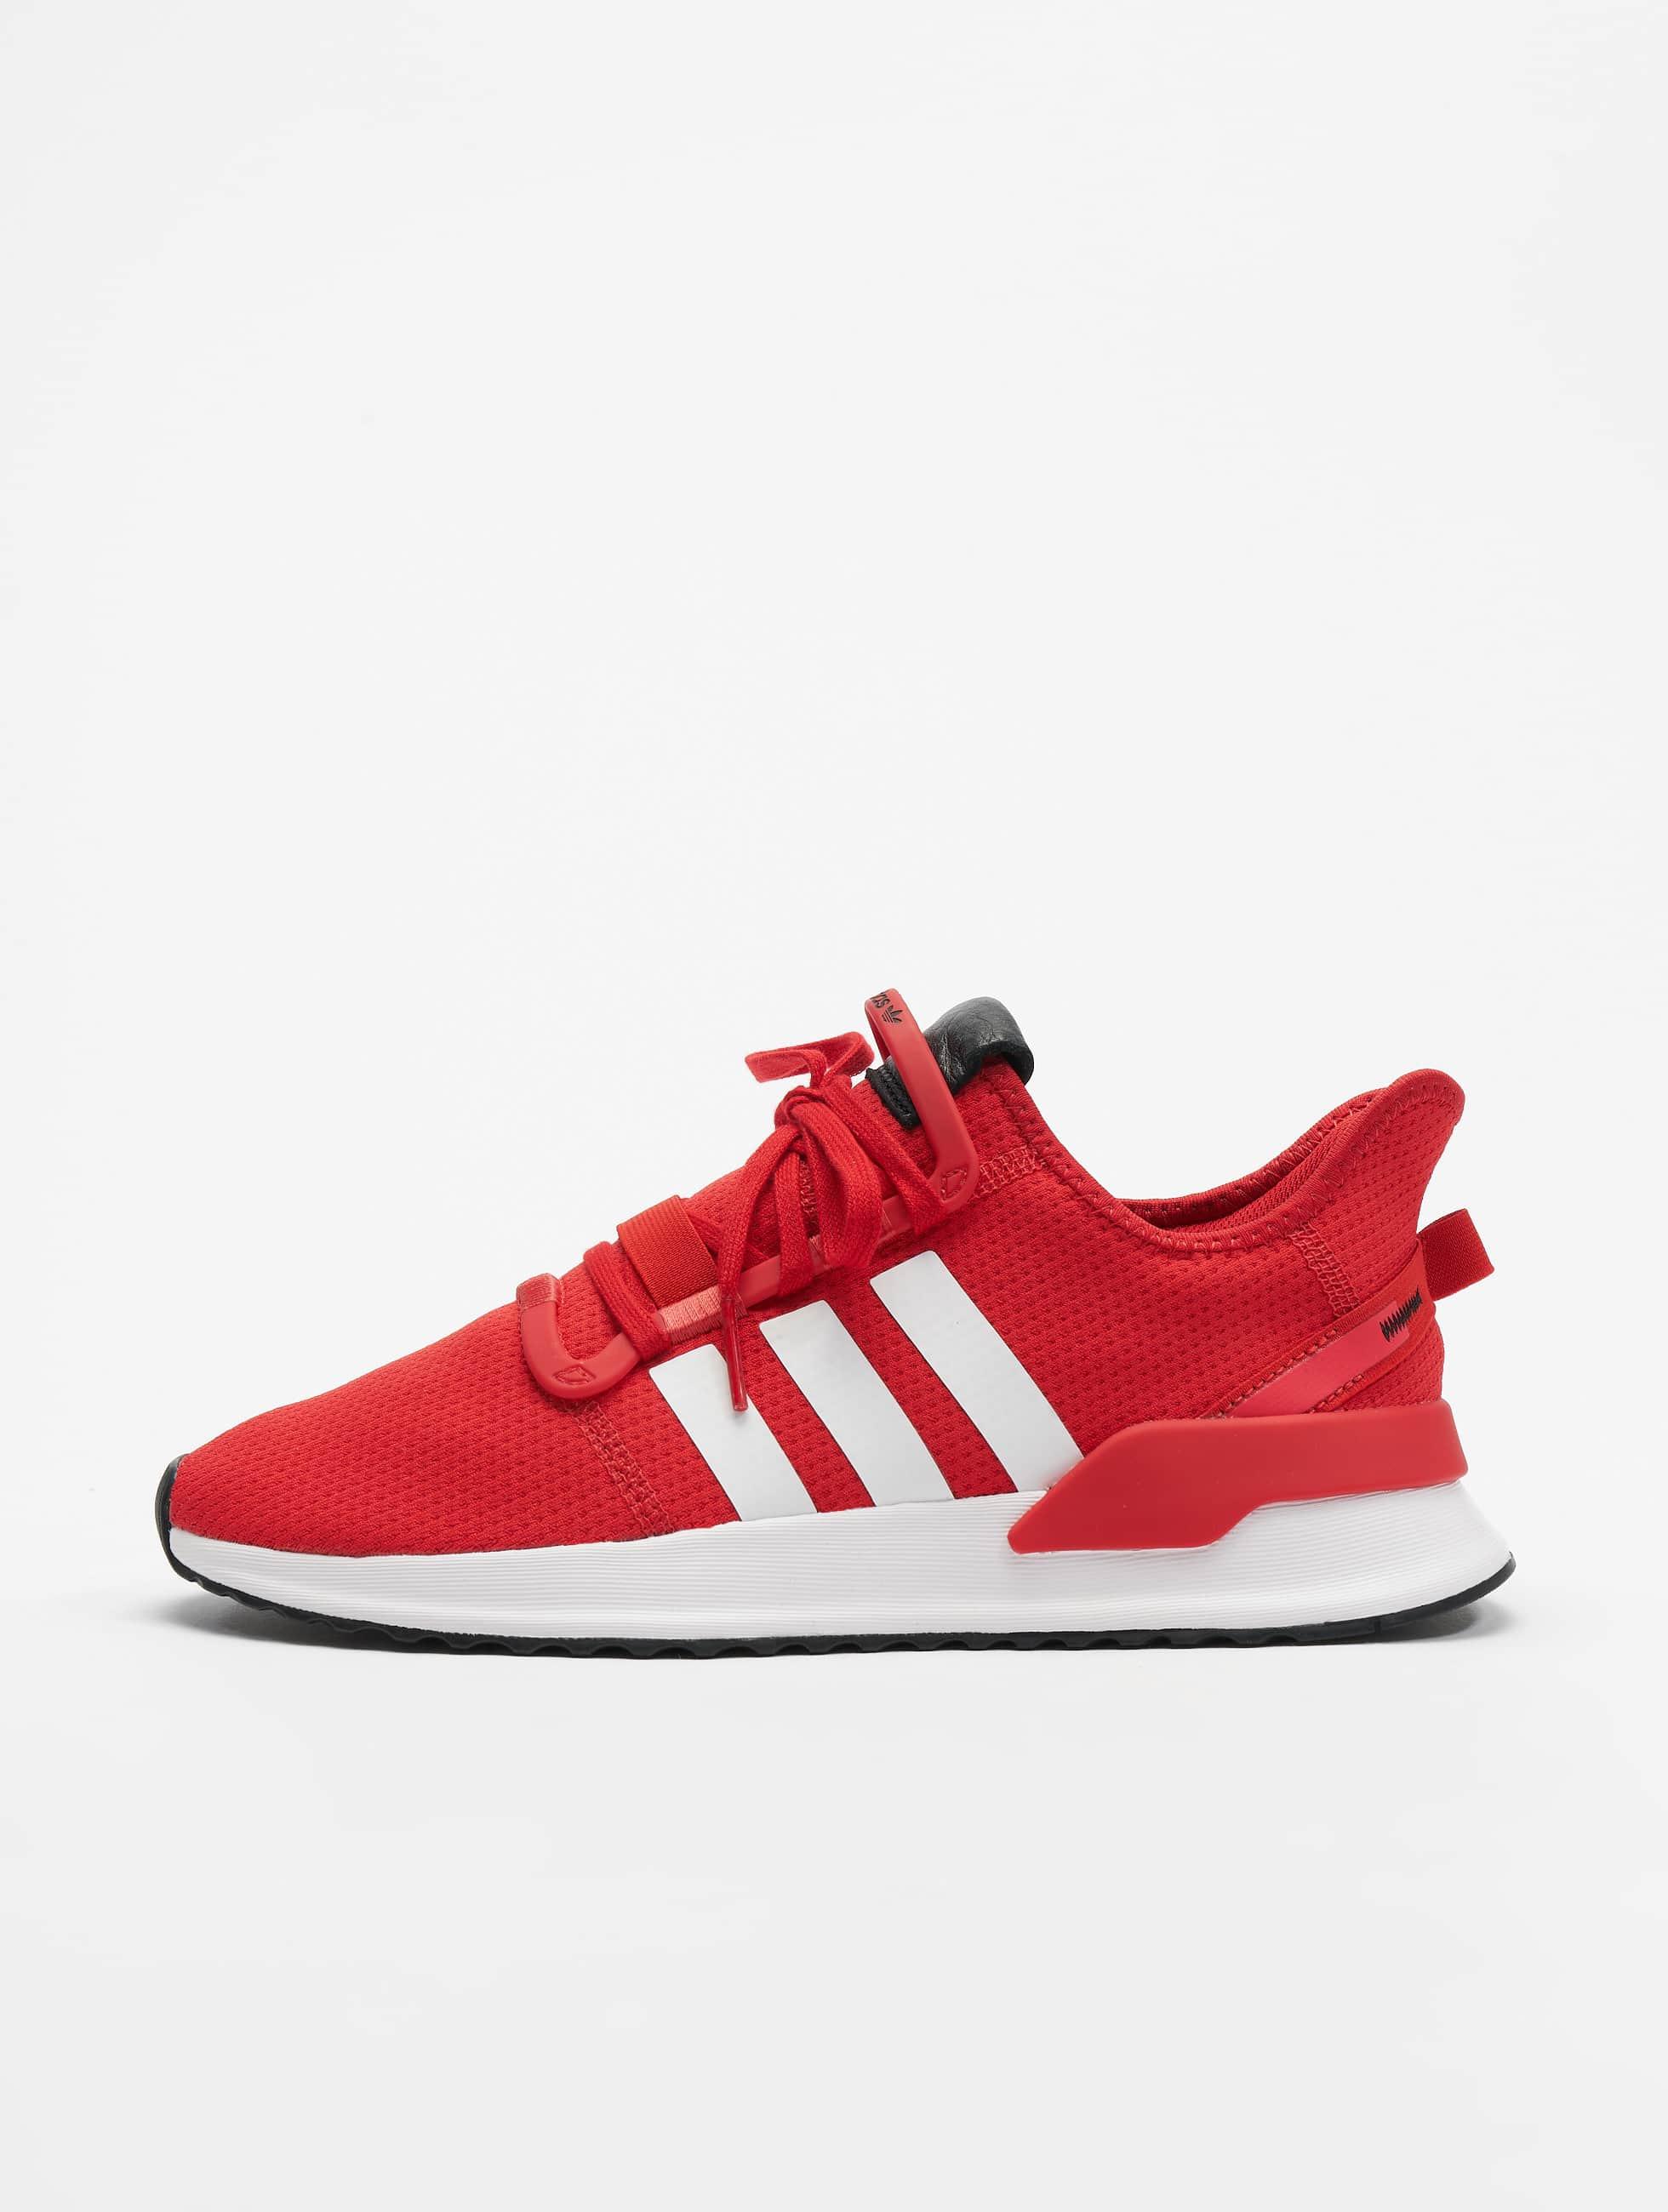 détaillant en ligne 19ab1 63d23 Adidas Originals U_Path Run Sneakers Scarlet